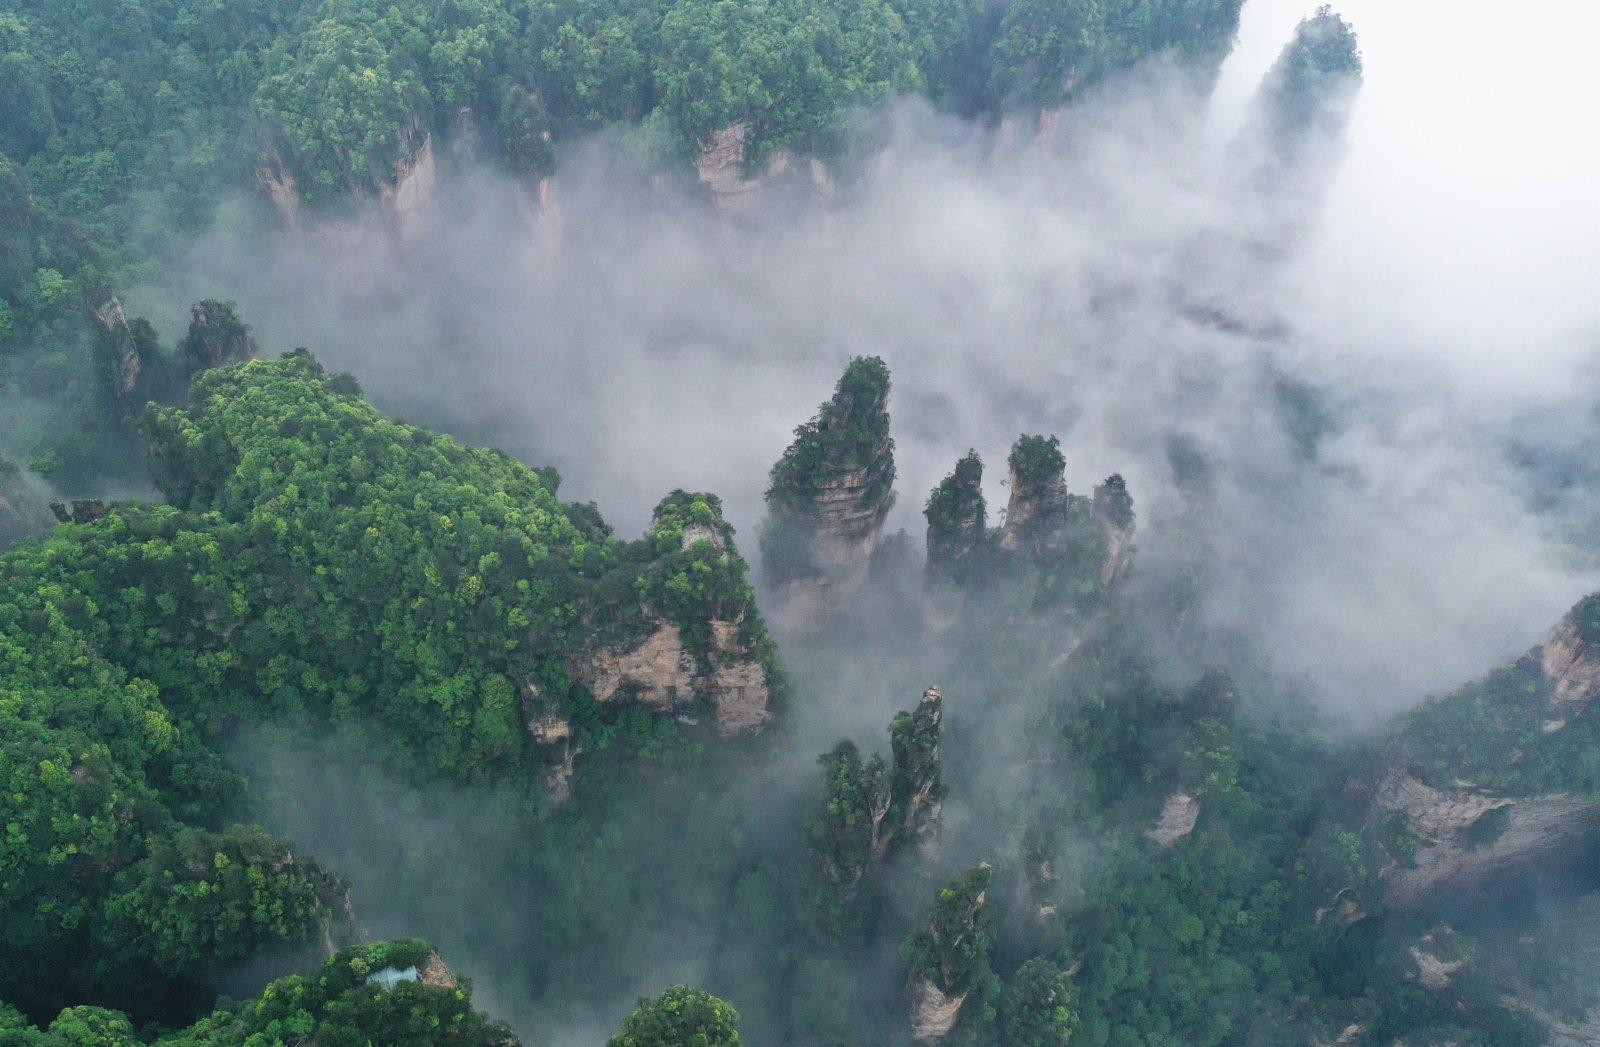 這是5月14日拍攝的張家界武陵源景區峰林雲海景觀(無人機照片)。